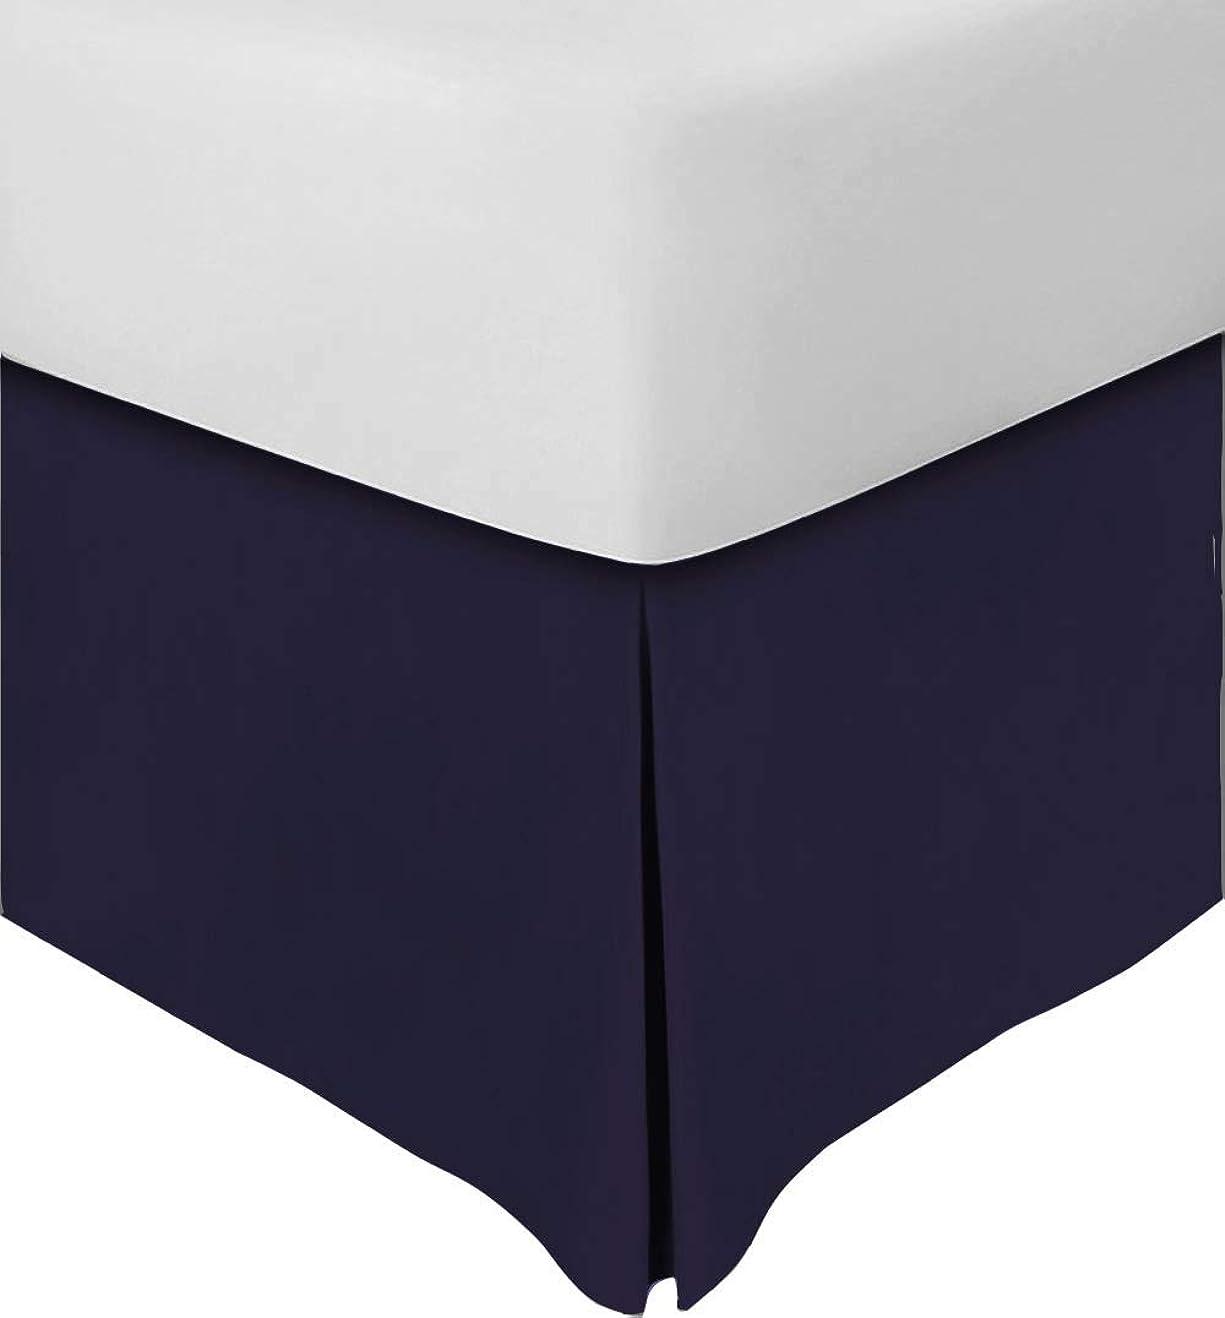 トレイ温室染料クイーンベッドスカート 18インチドロップスプリットコーナー100% エジプト綿 ラグジュアリー- 600スレッドカウント テーラード1 ピース ベッドスカート クイーン 60 x 80 サイズ ネイビーブルー 18 インチ ドロップ/フォール、簡単に洗えます しわ&色あせ防止